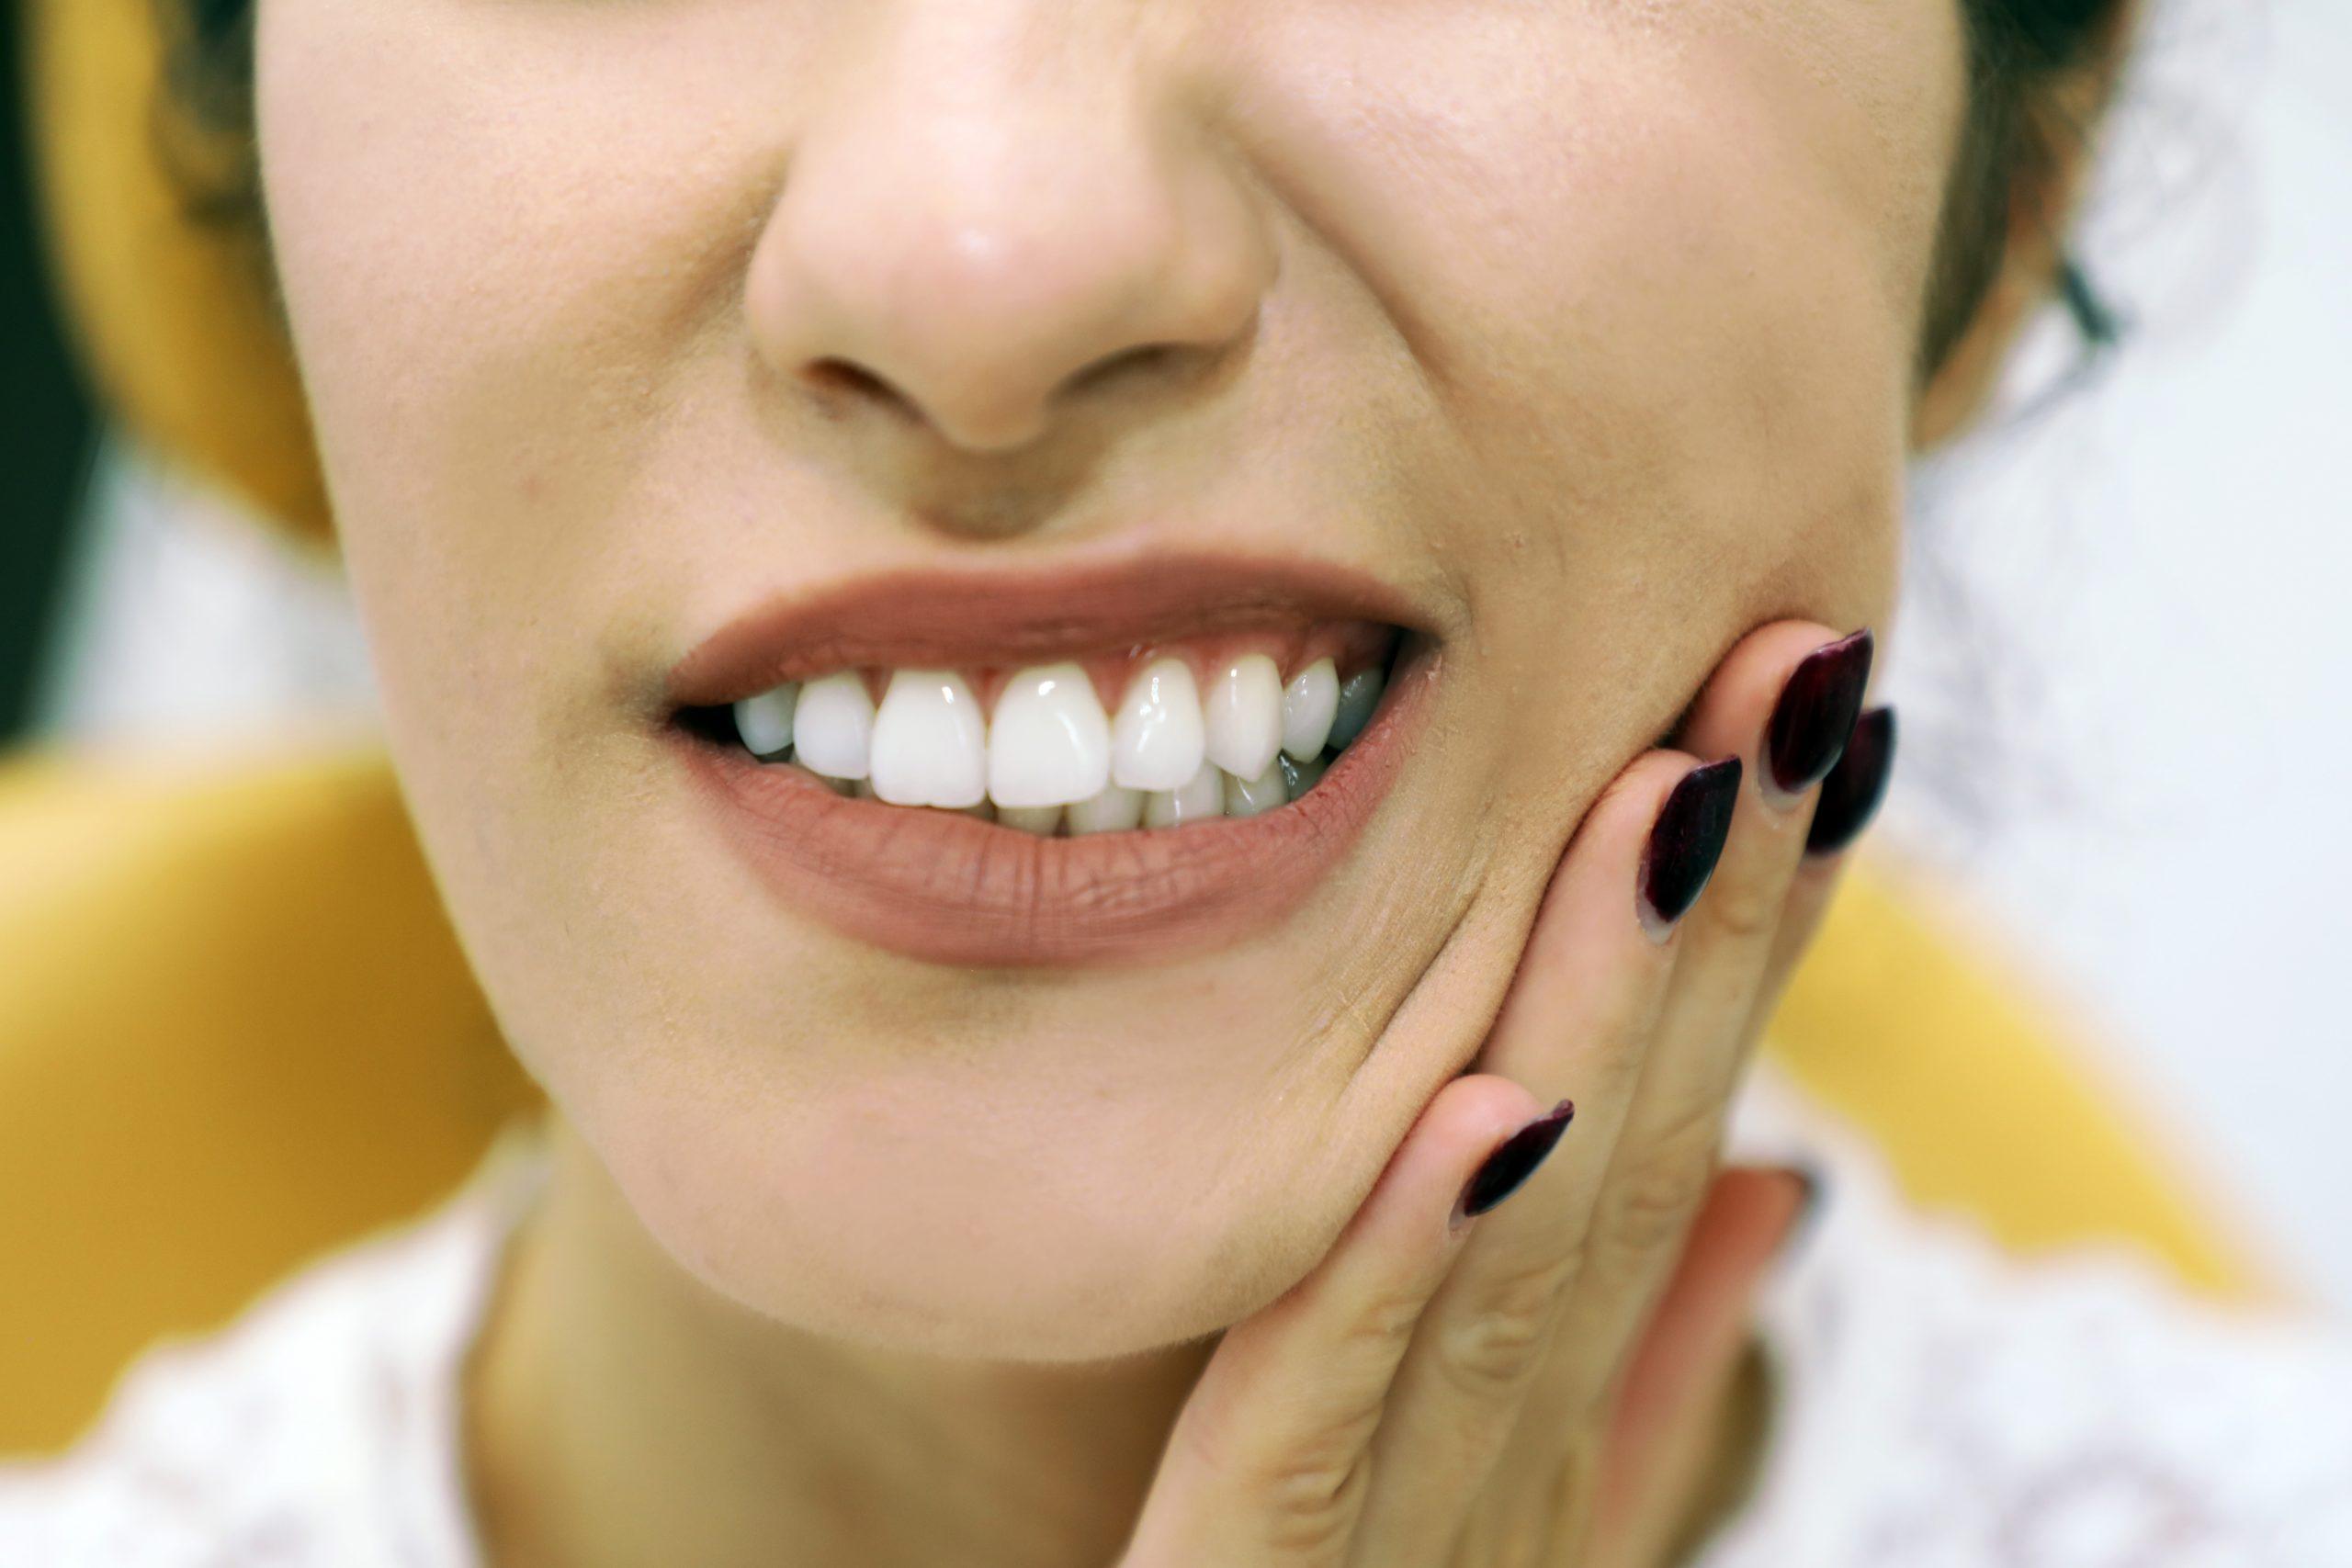 Cel mai mare motiv pentru care implanturile dentare nu reușesc să le controlezi